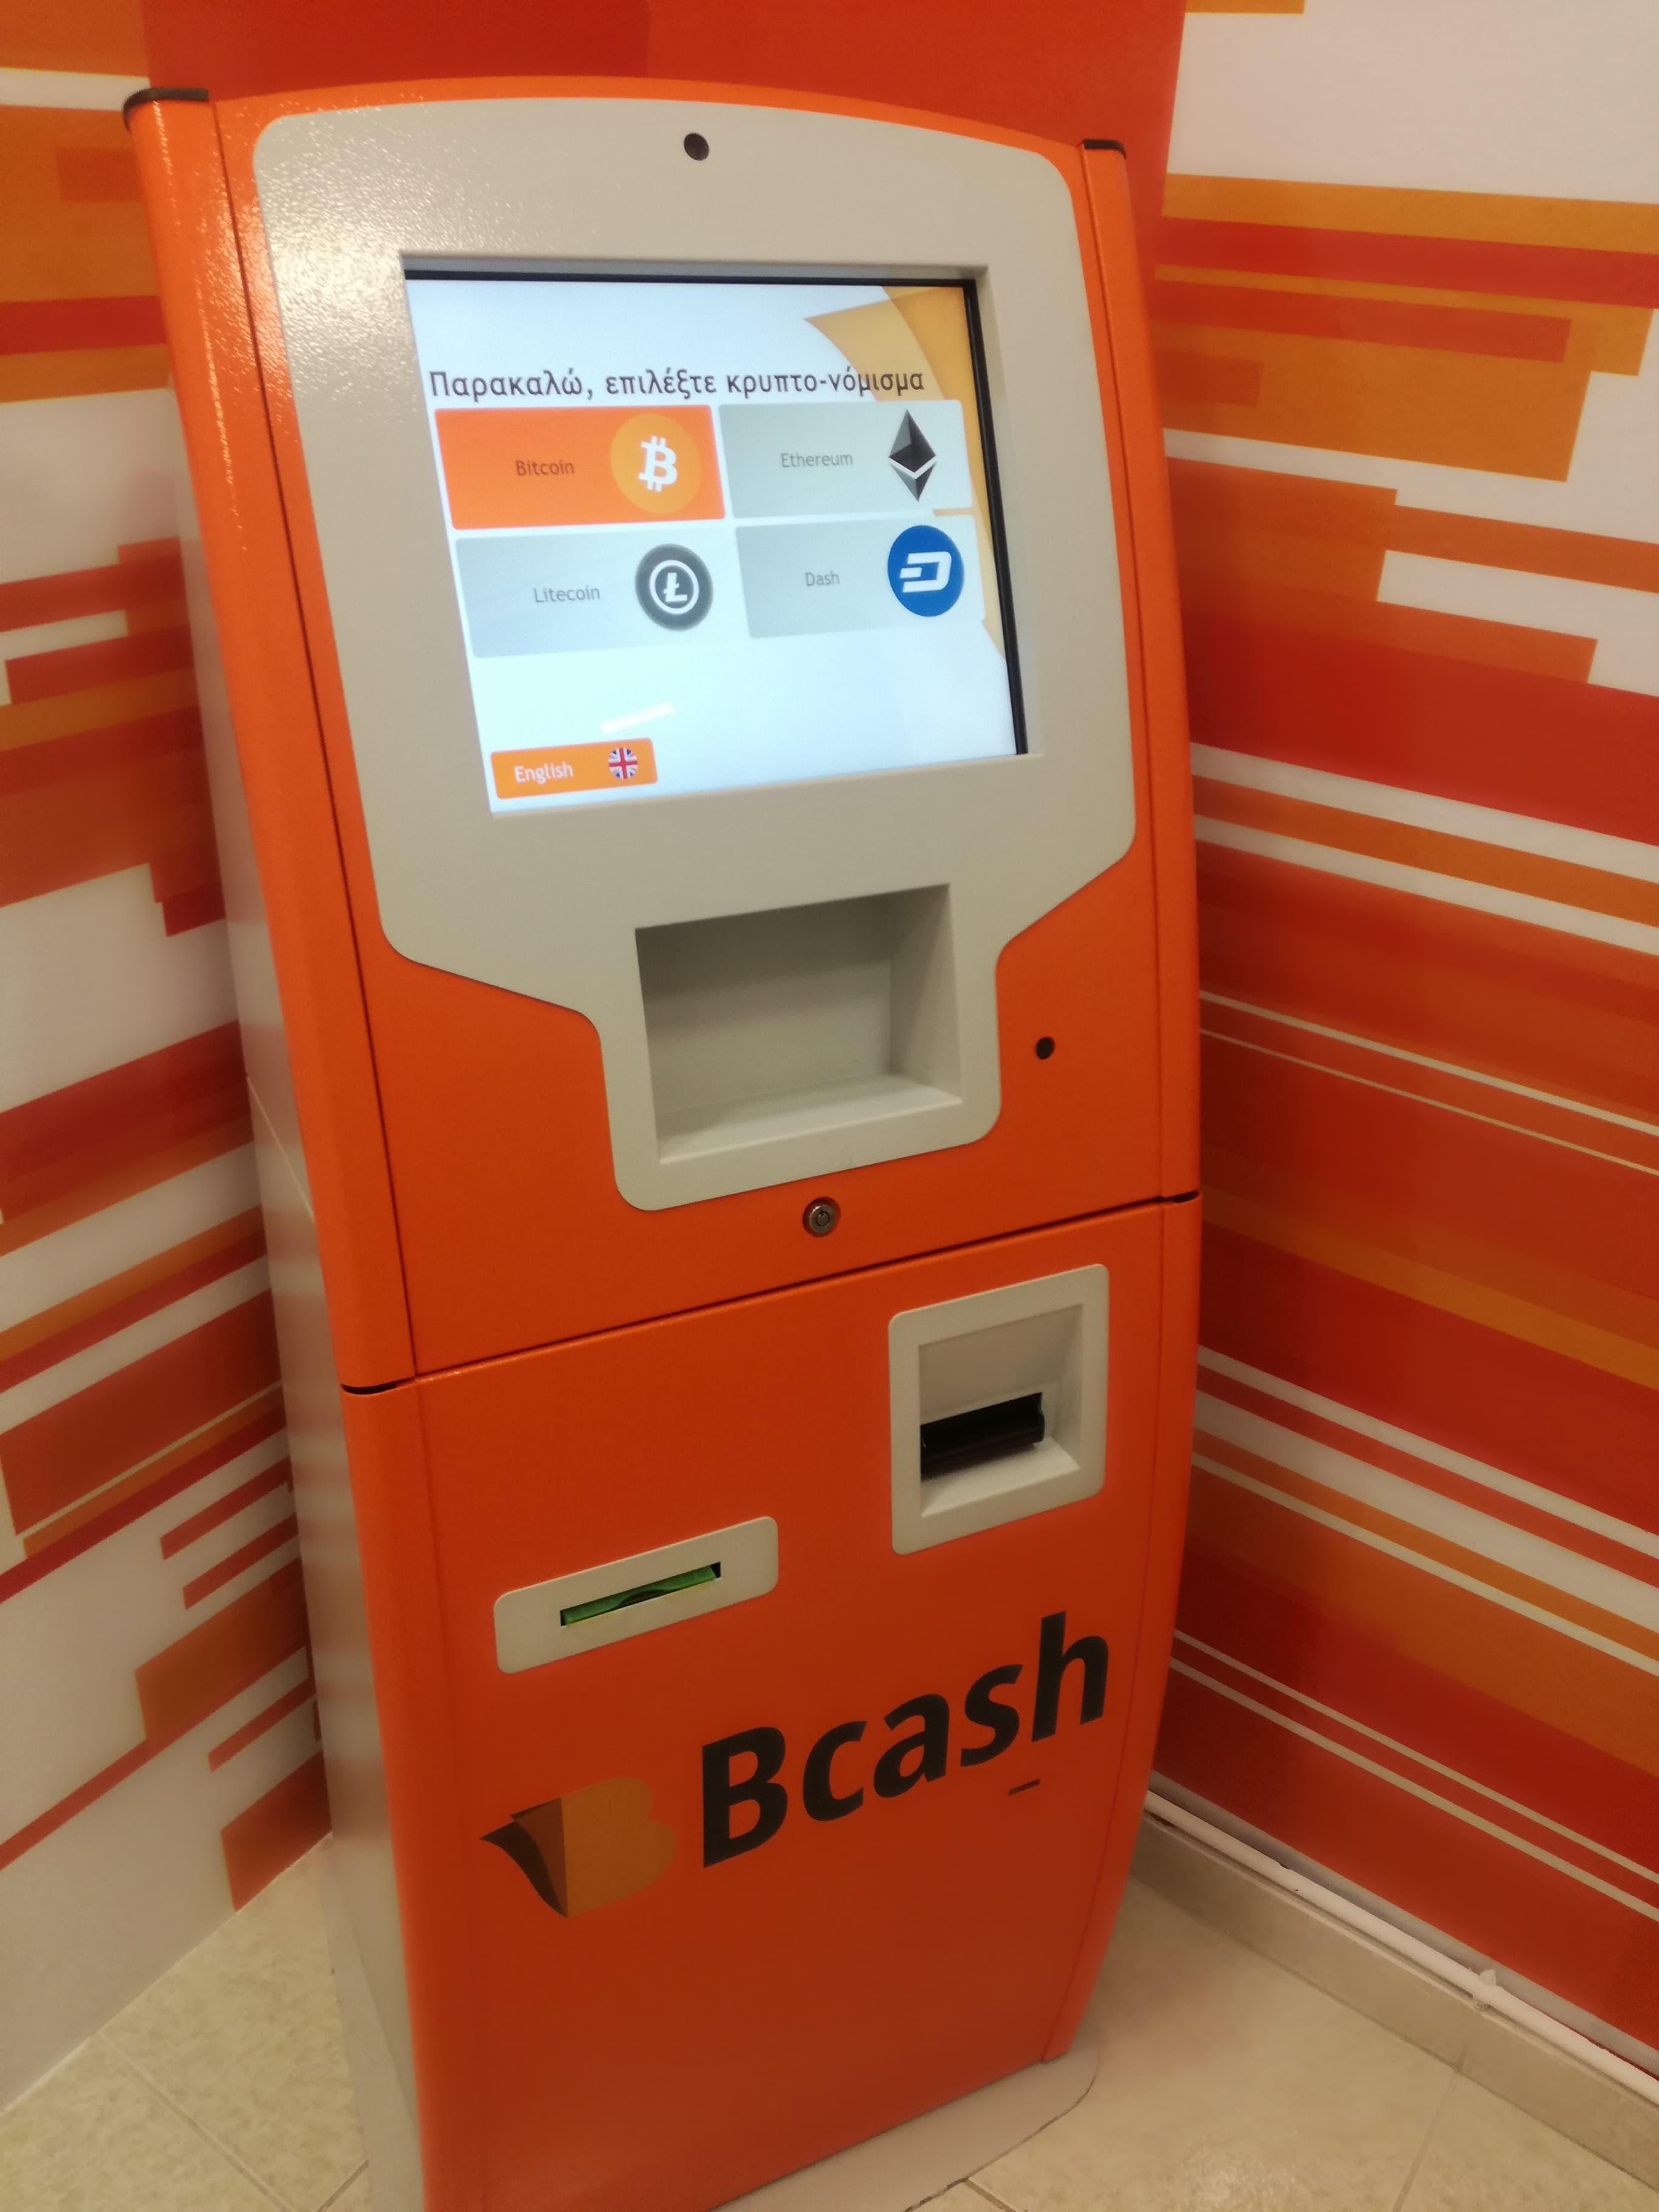 Που και πόσα ATM σε Bitcoin στην Ελλάδα υπάρχουν;